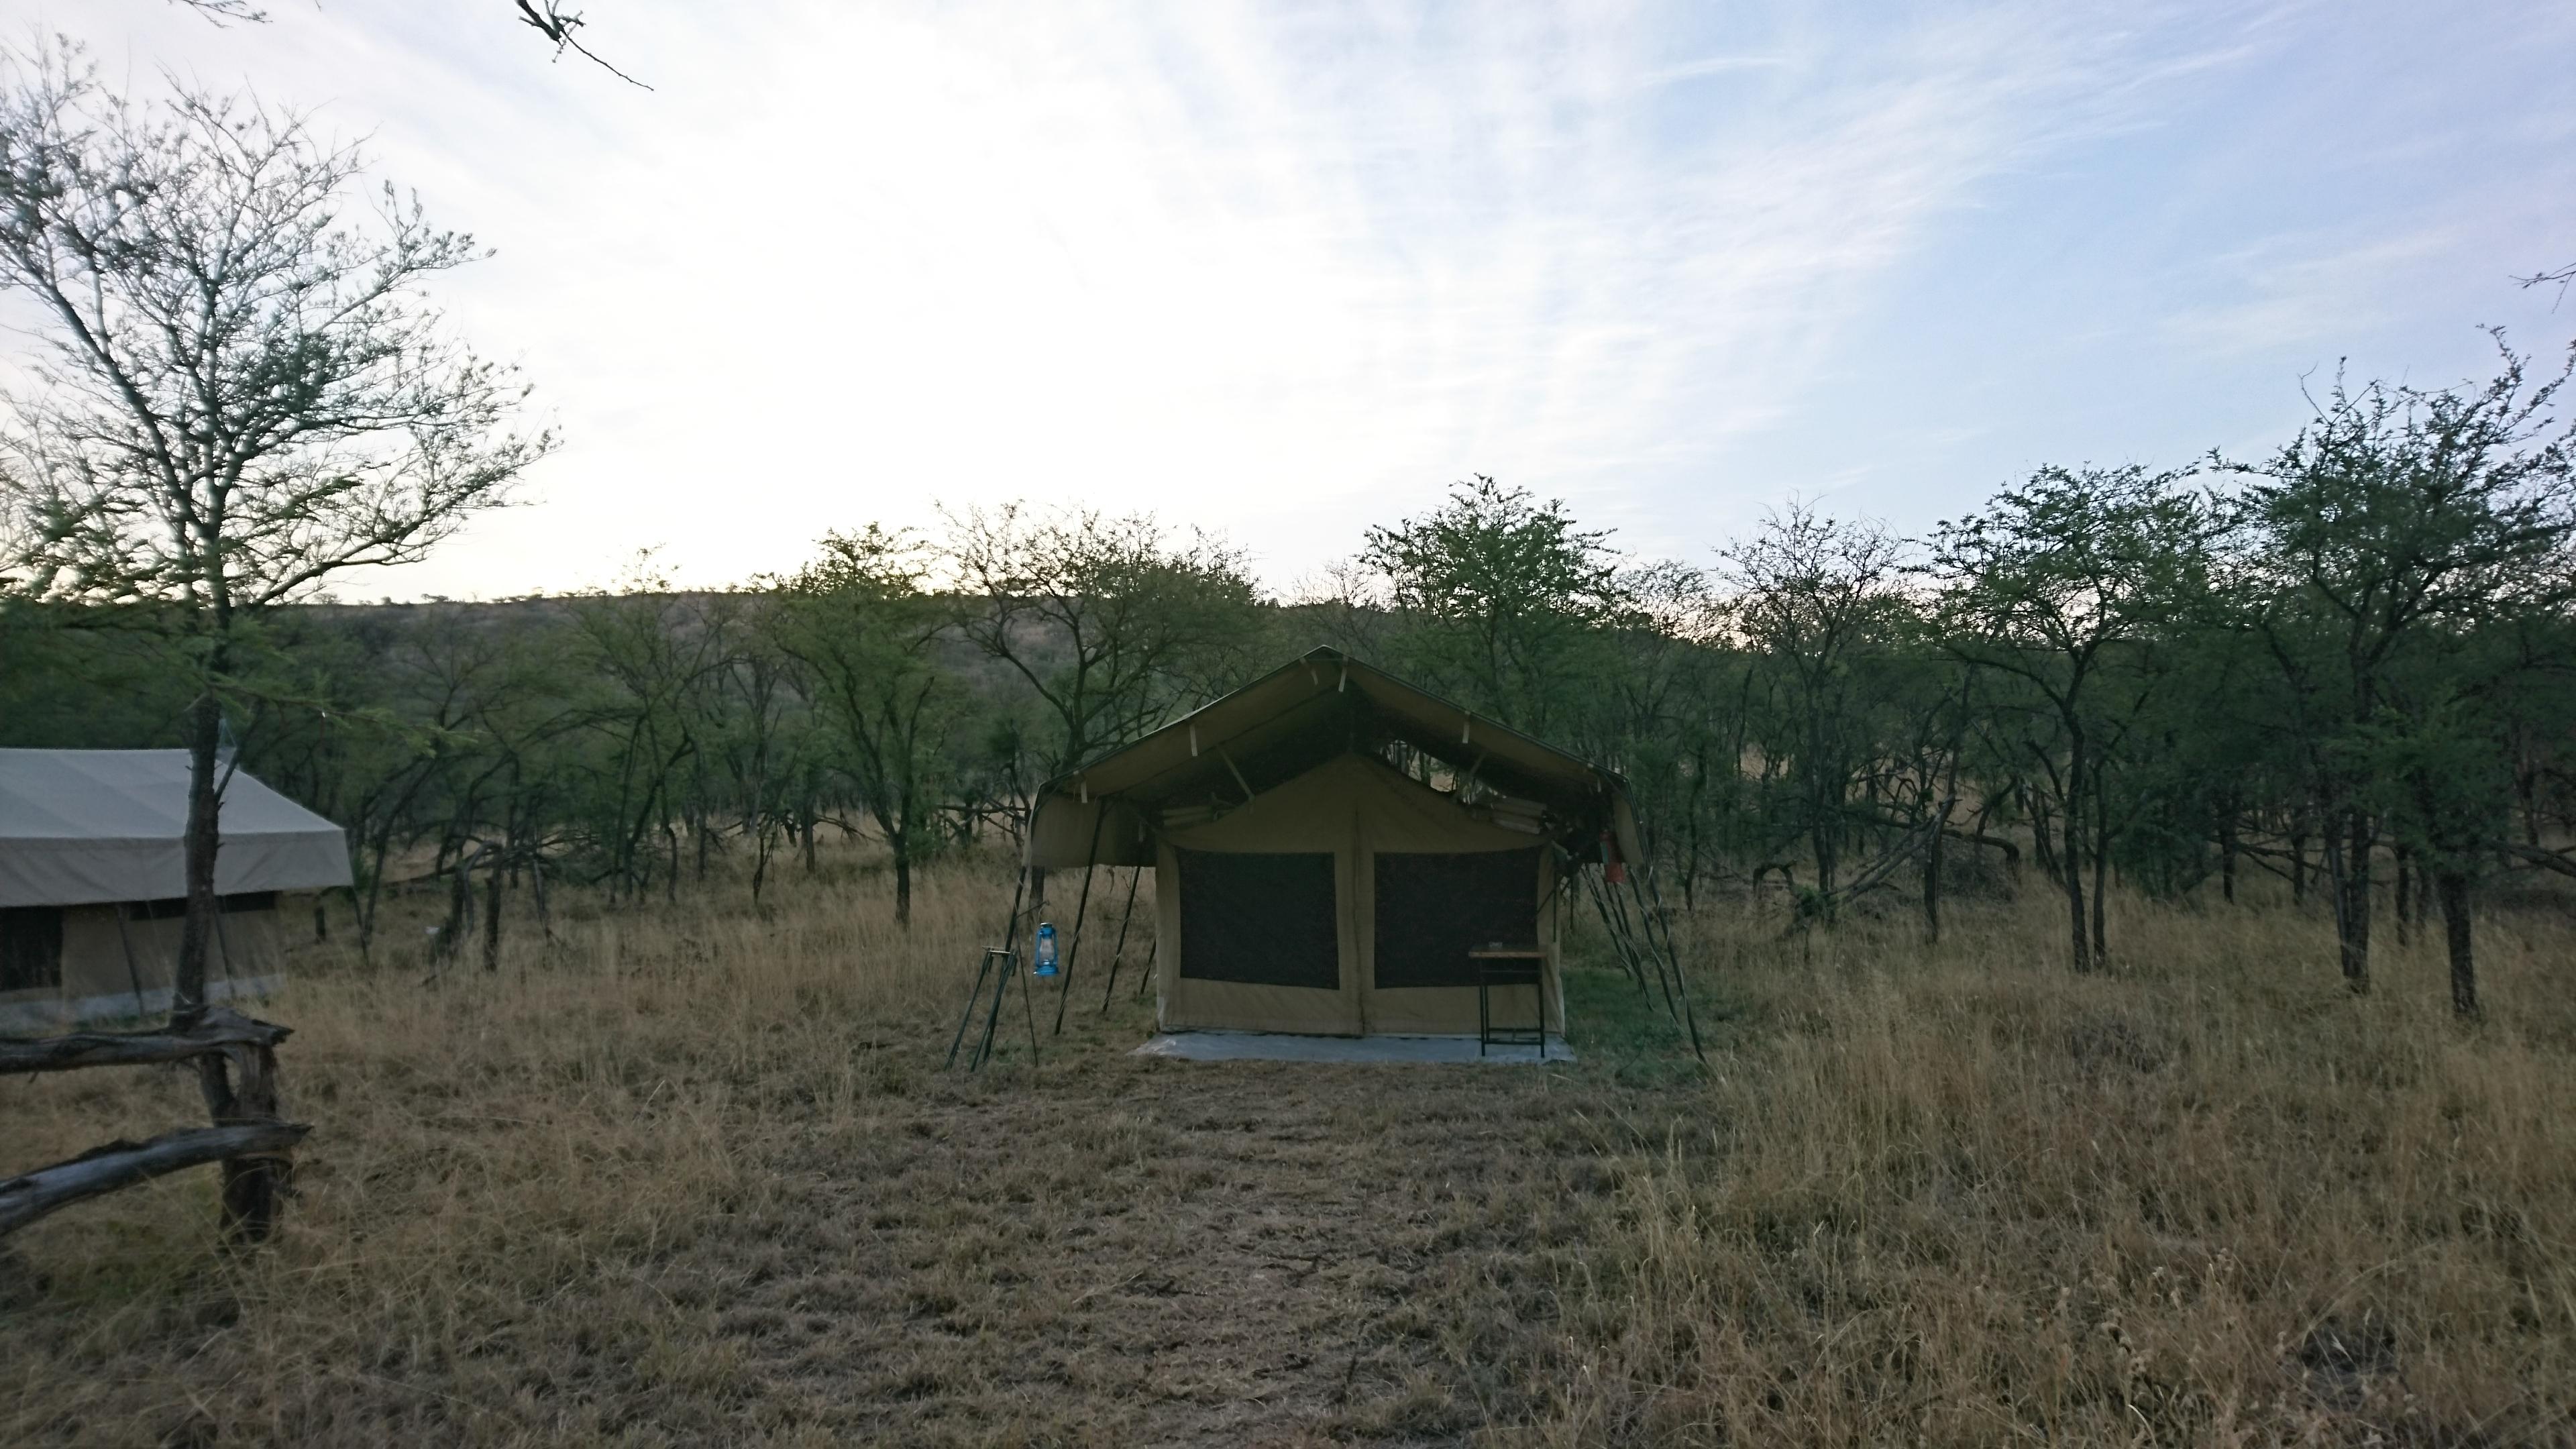 Kati Kati Tented Camp Serengeti National Park